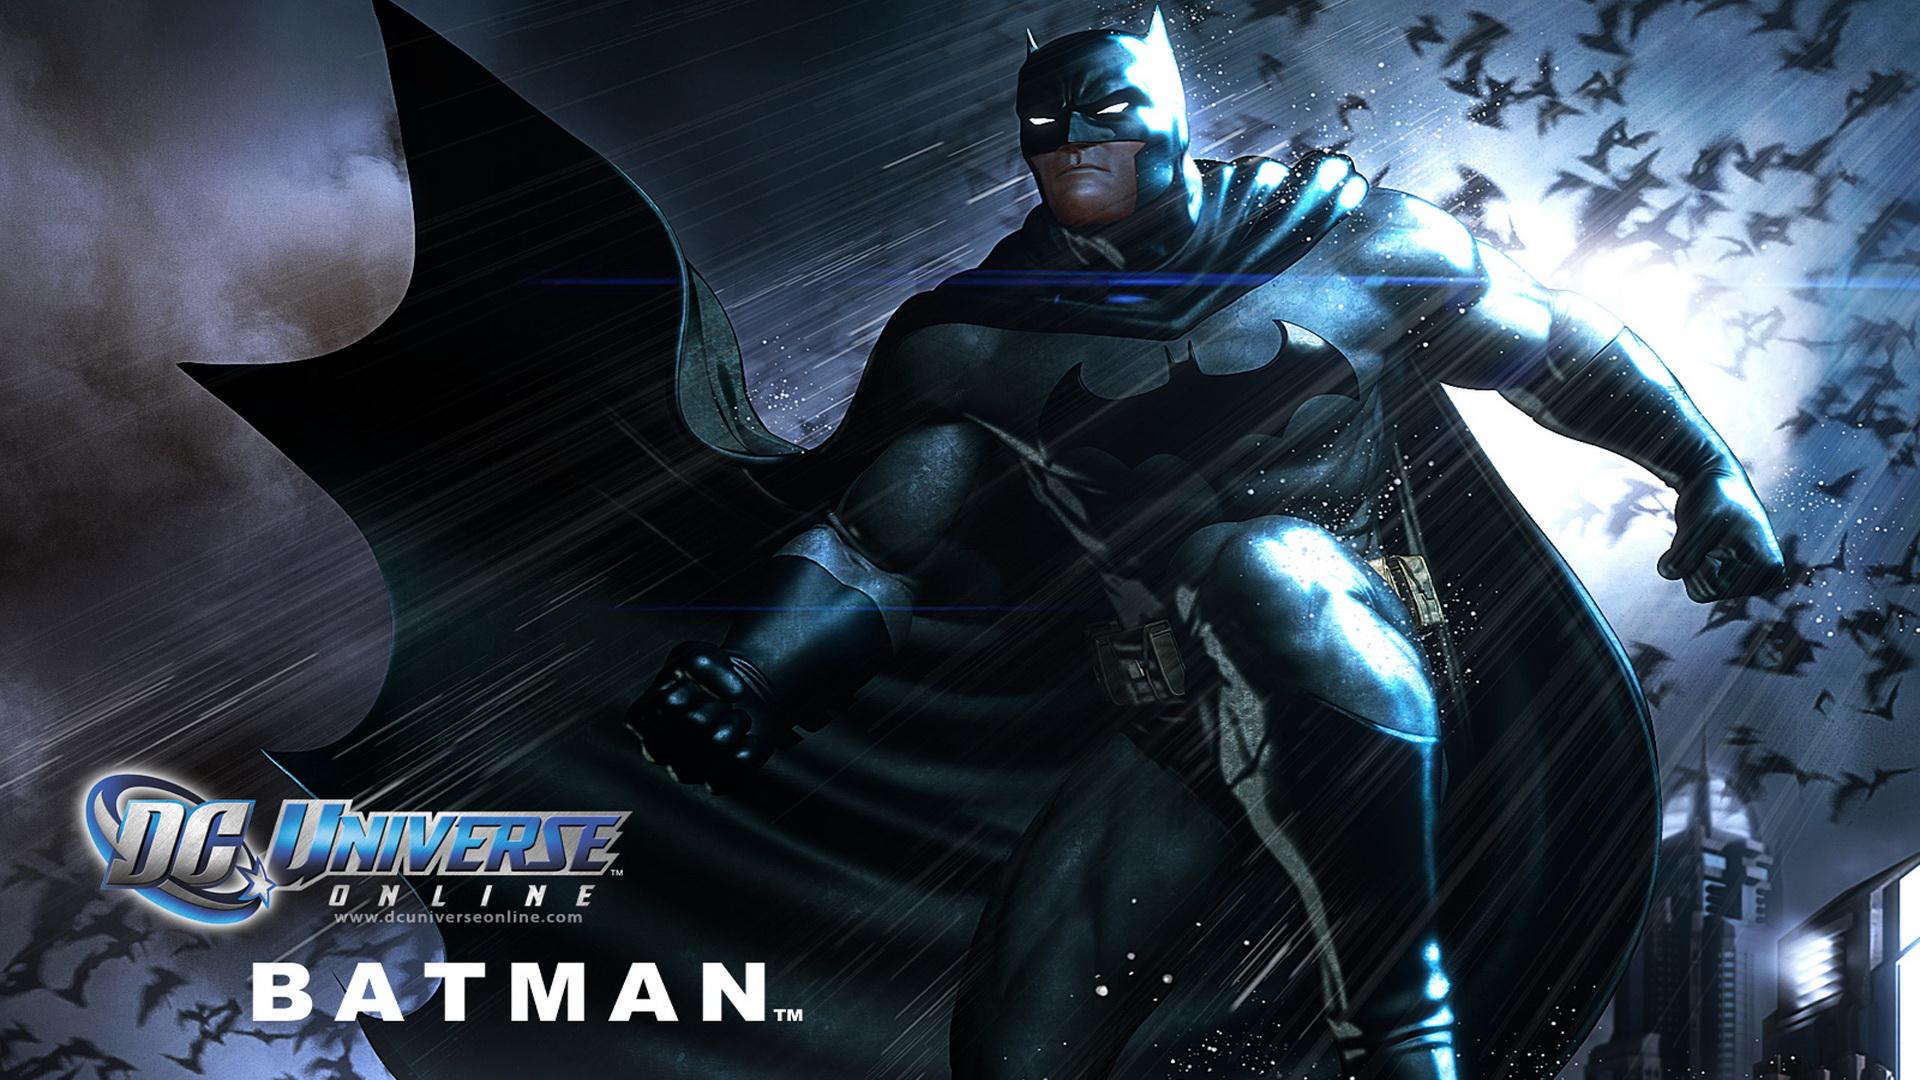 Batman HD Wallpapers 1080p - WallpaperSafari